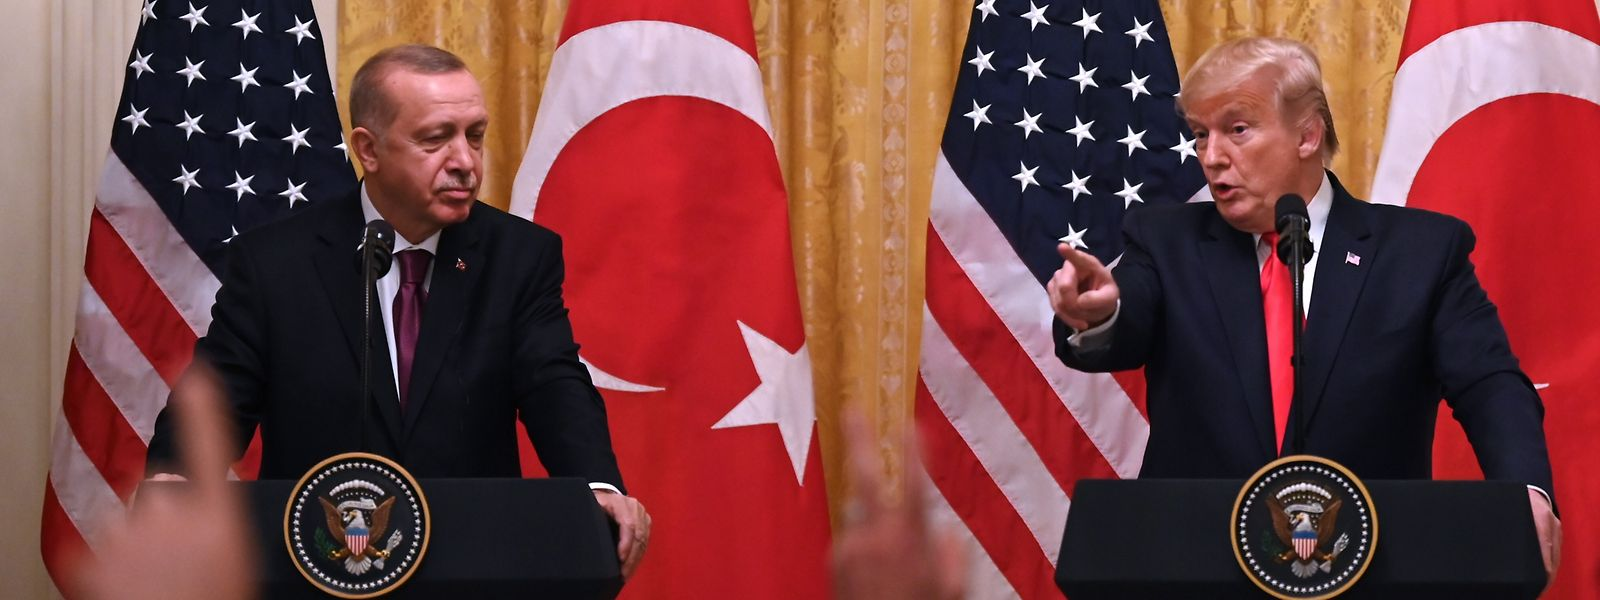 Trump wies die Anschuldigungen im Rahmen einer Pressekonferenz mit dem türkischen Präsidenten Erdogan zurück.